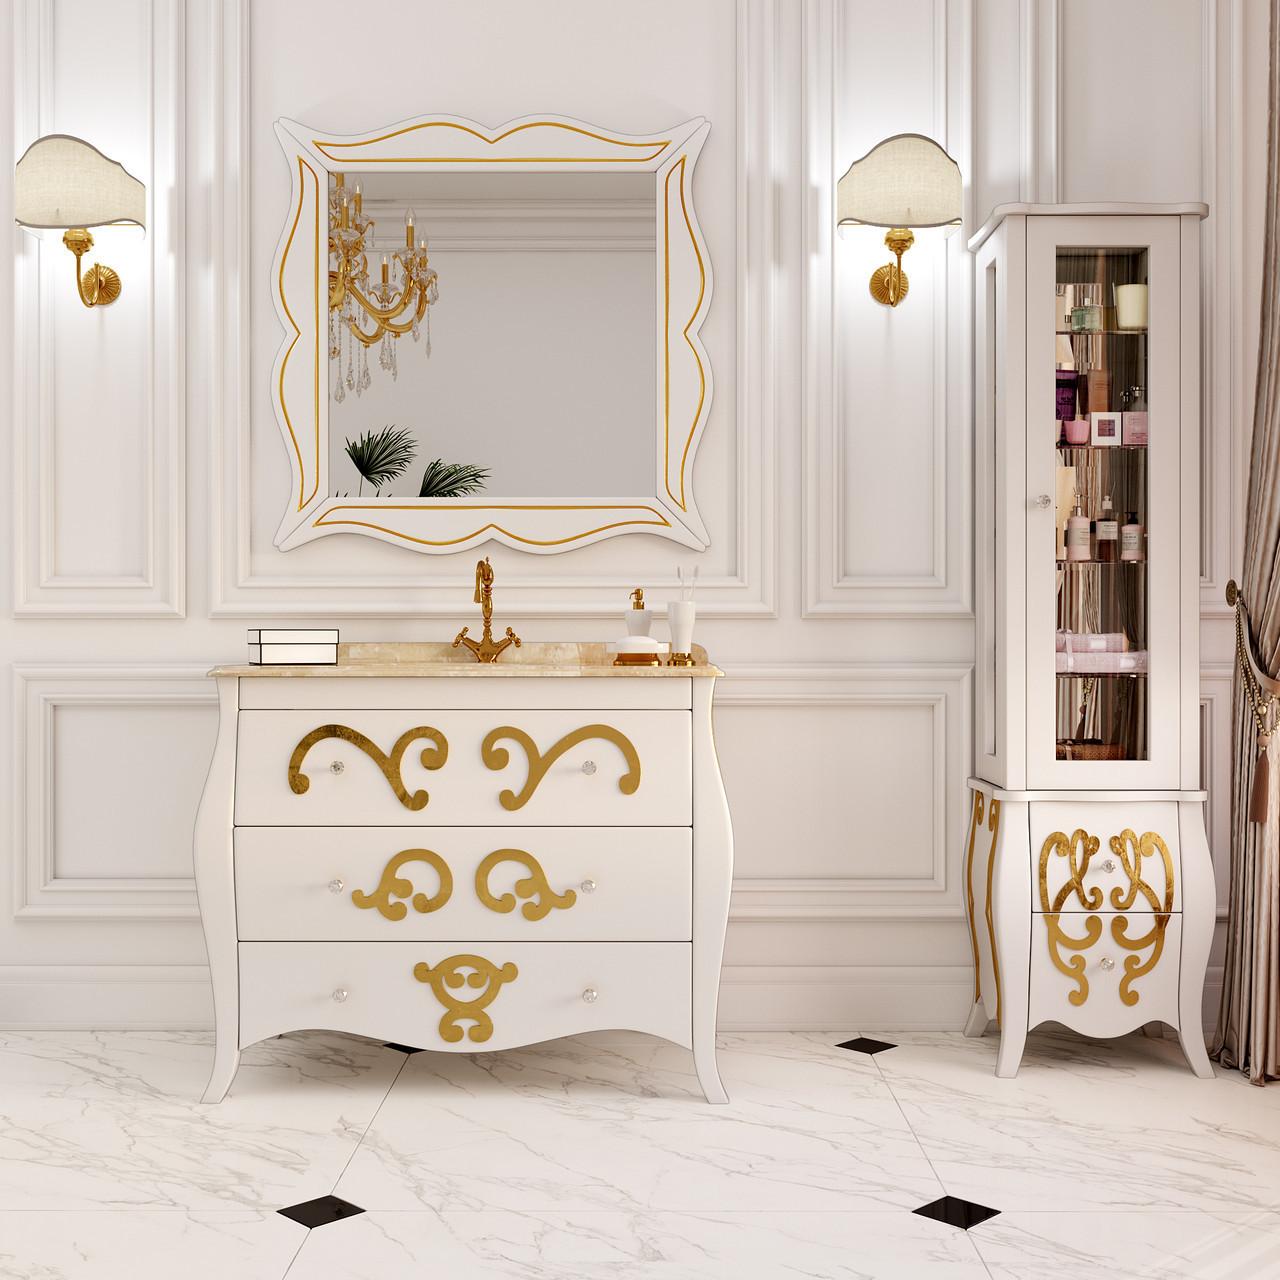 Тумба для ванной комнаты Marsan Arlette 1050 рисунок золото